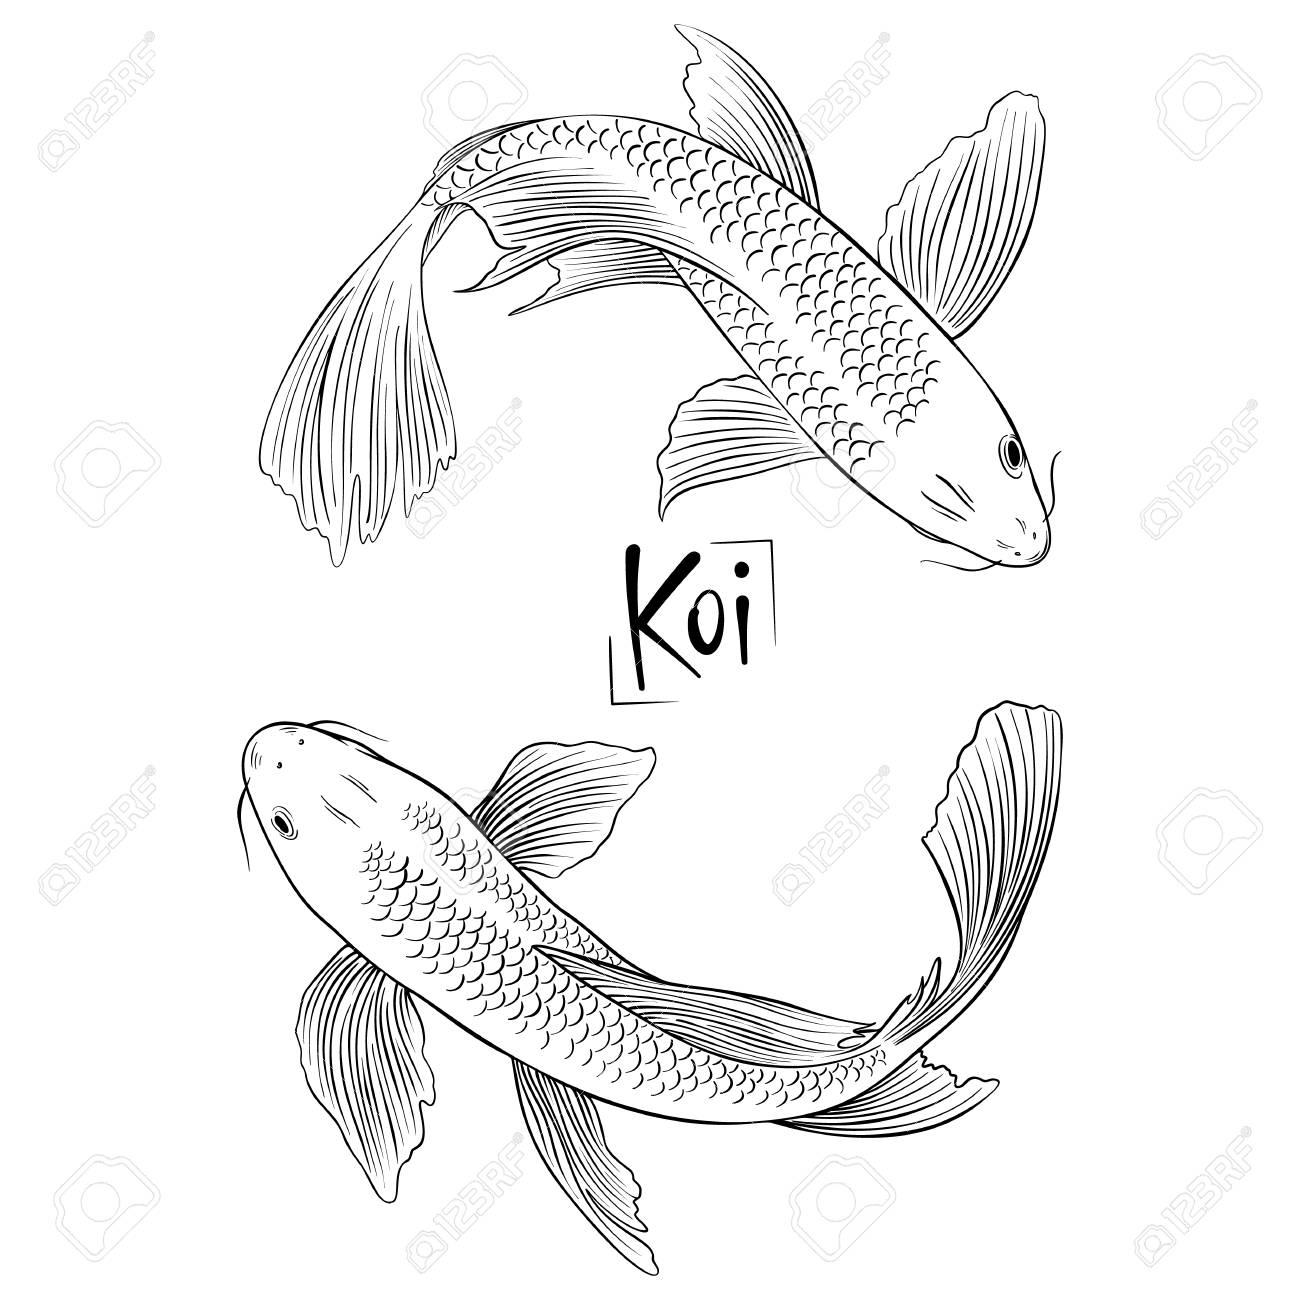 - ForOffice Koi Fish Drawing